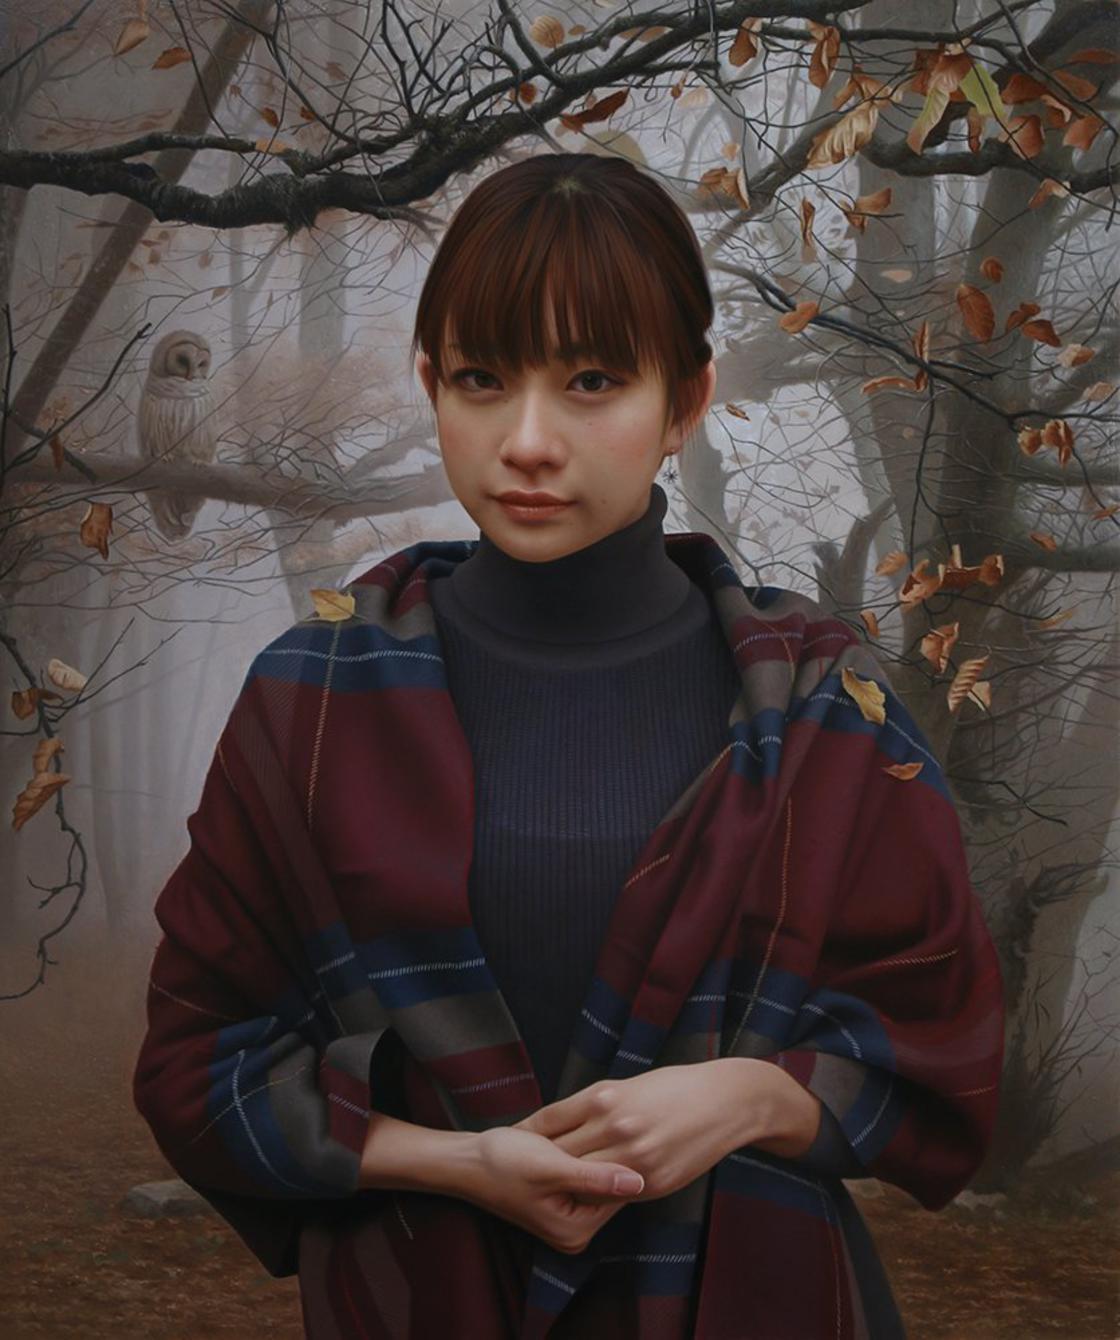 Garota japonesa em um bosque